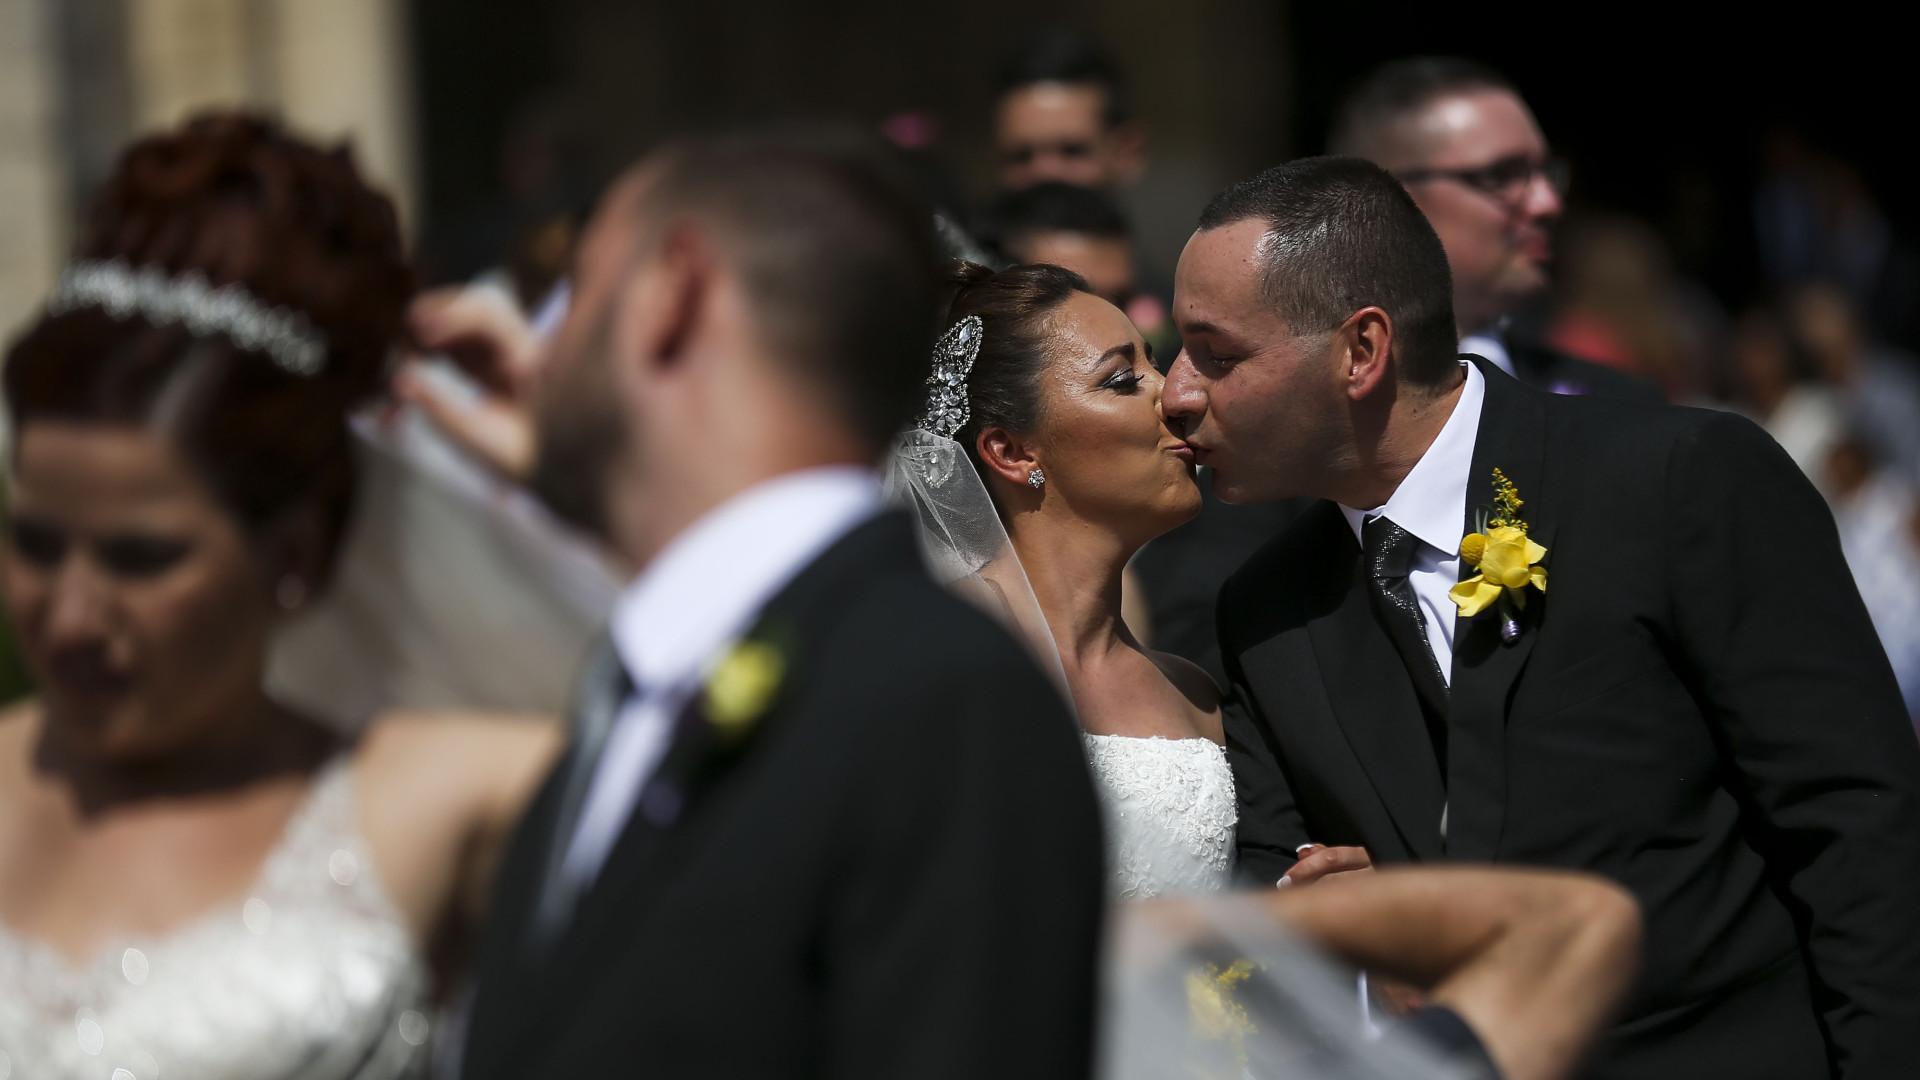 Casamentos e marchas tomam conta de Lisboa em véspera de feriado